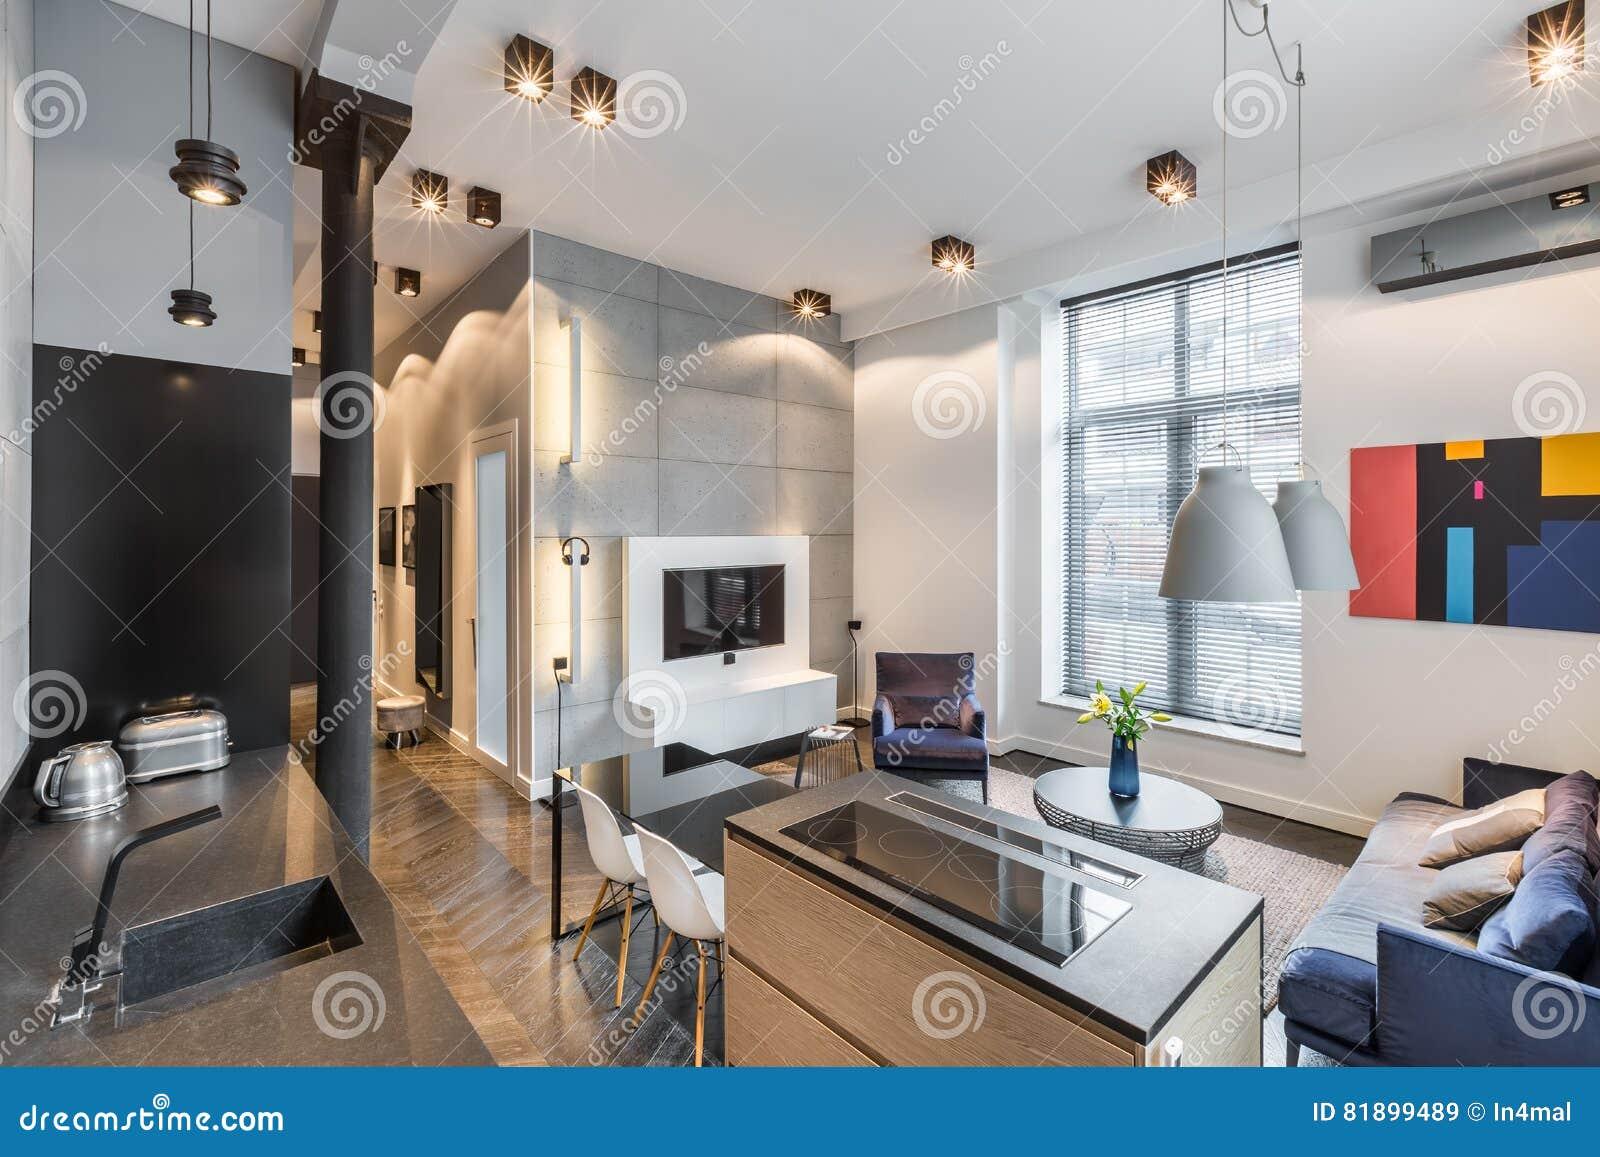 Fabulous Kche Offen Zum Wohnzimmer Stockfoto Bild With Kche Offen